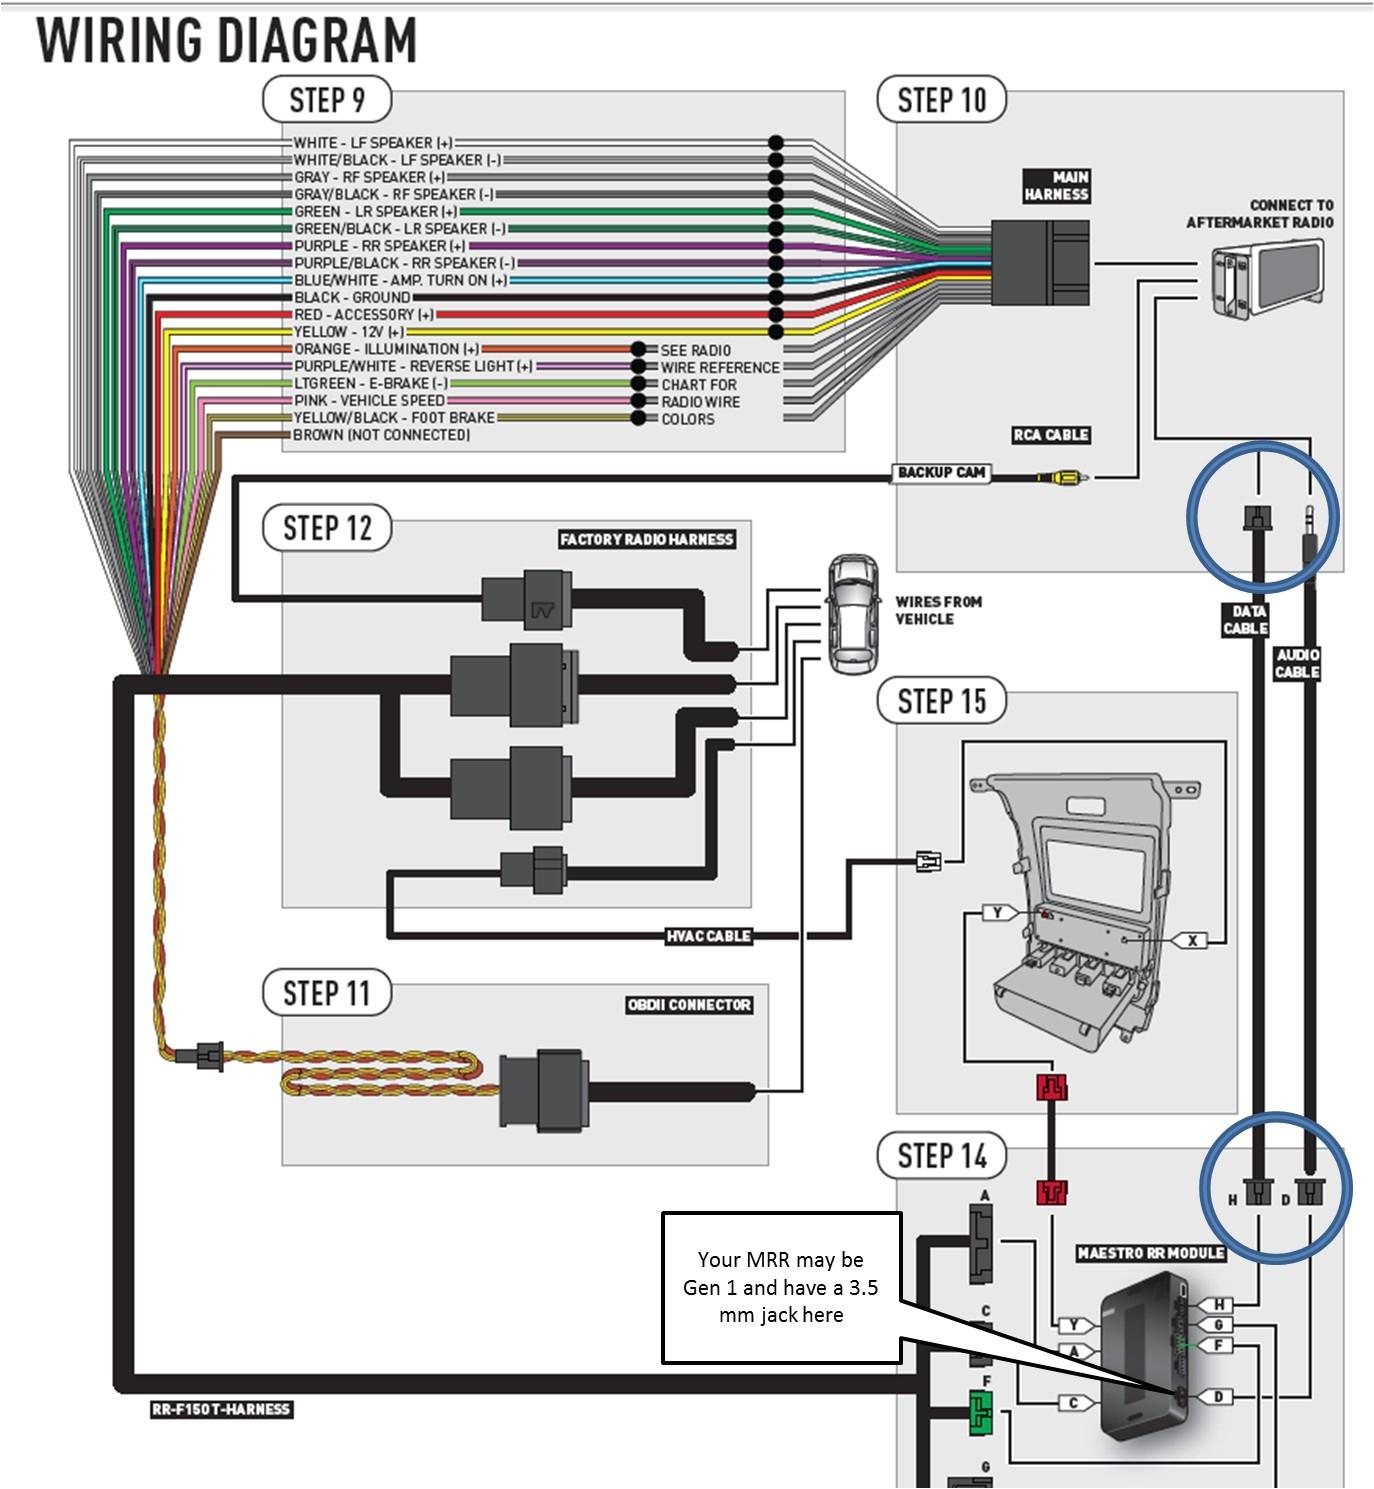 pioneer avh 280bt wiring diagram pioneer avh 280bt wiring diagram best pioneer avh p5700dvd wiring pioneer avh 280bt wiring diagram 8s jpg